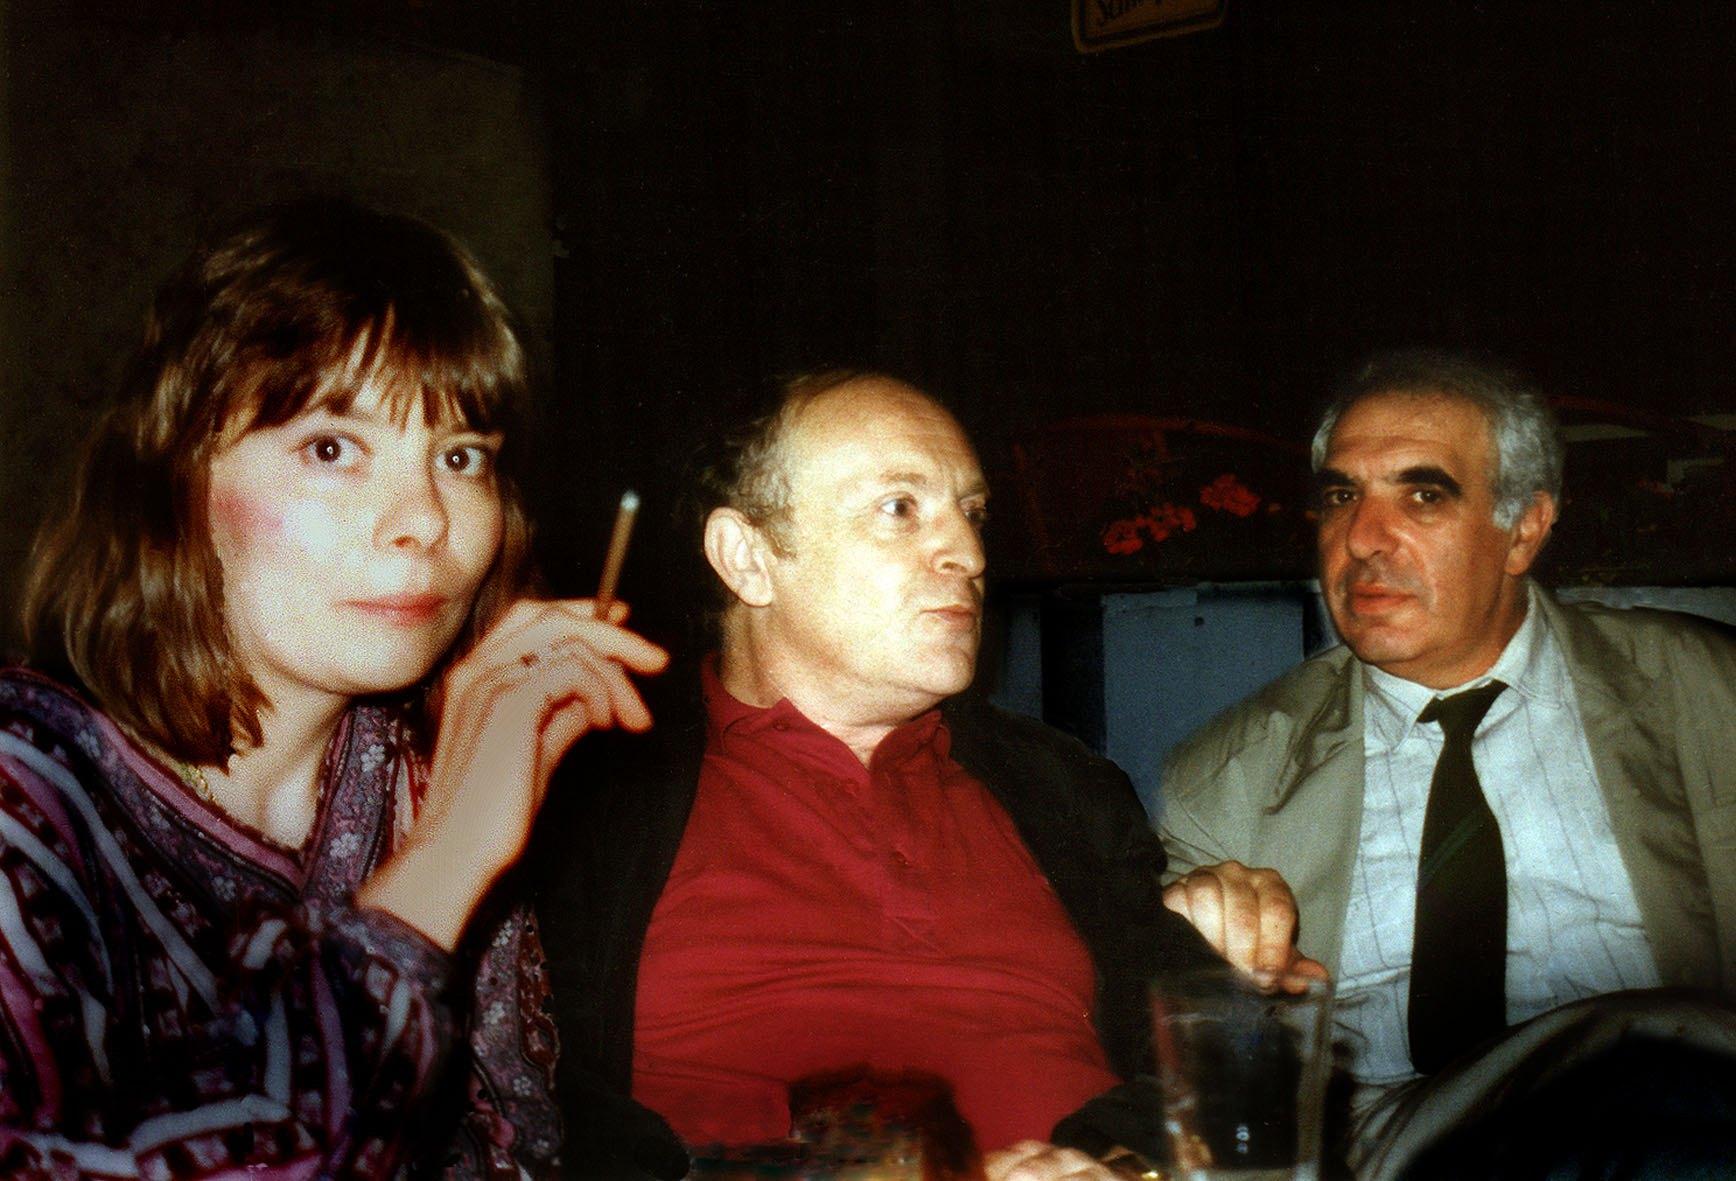 На международном поэтическом фестивале в Роттердаме, 1989 г. Татьяна Щербина, Иосиф Бродский, Евгений Рейн